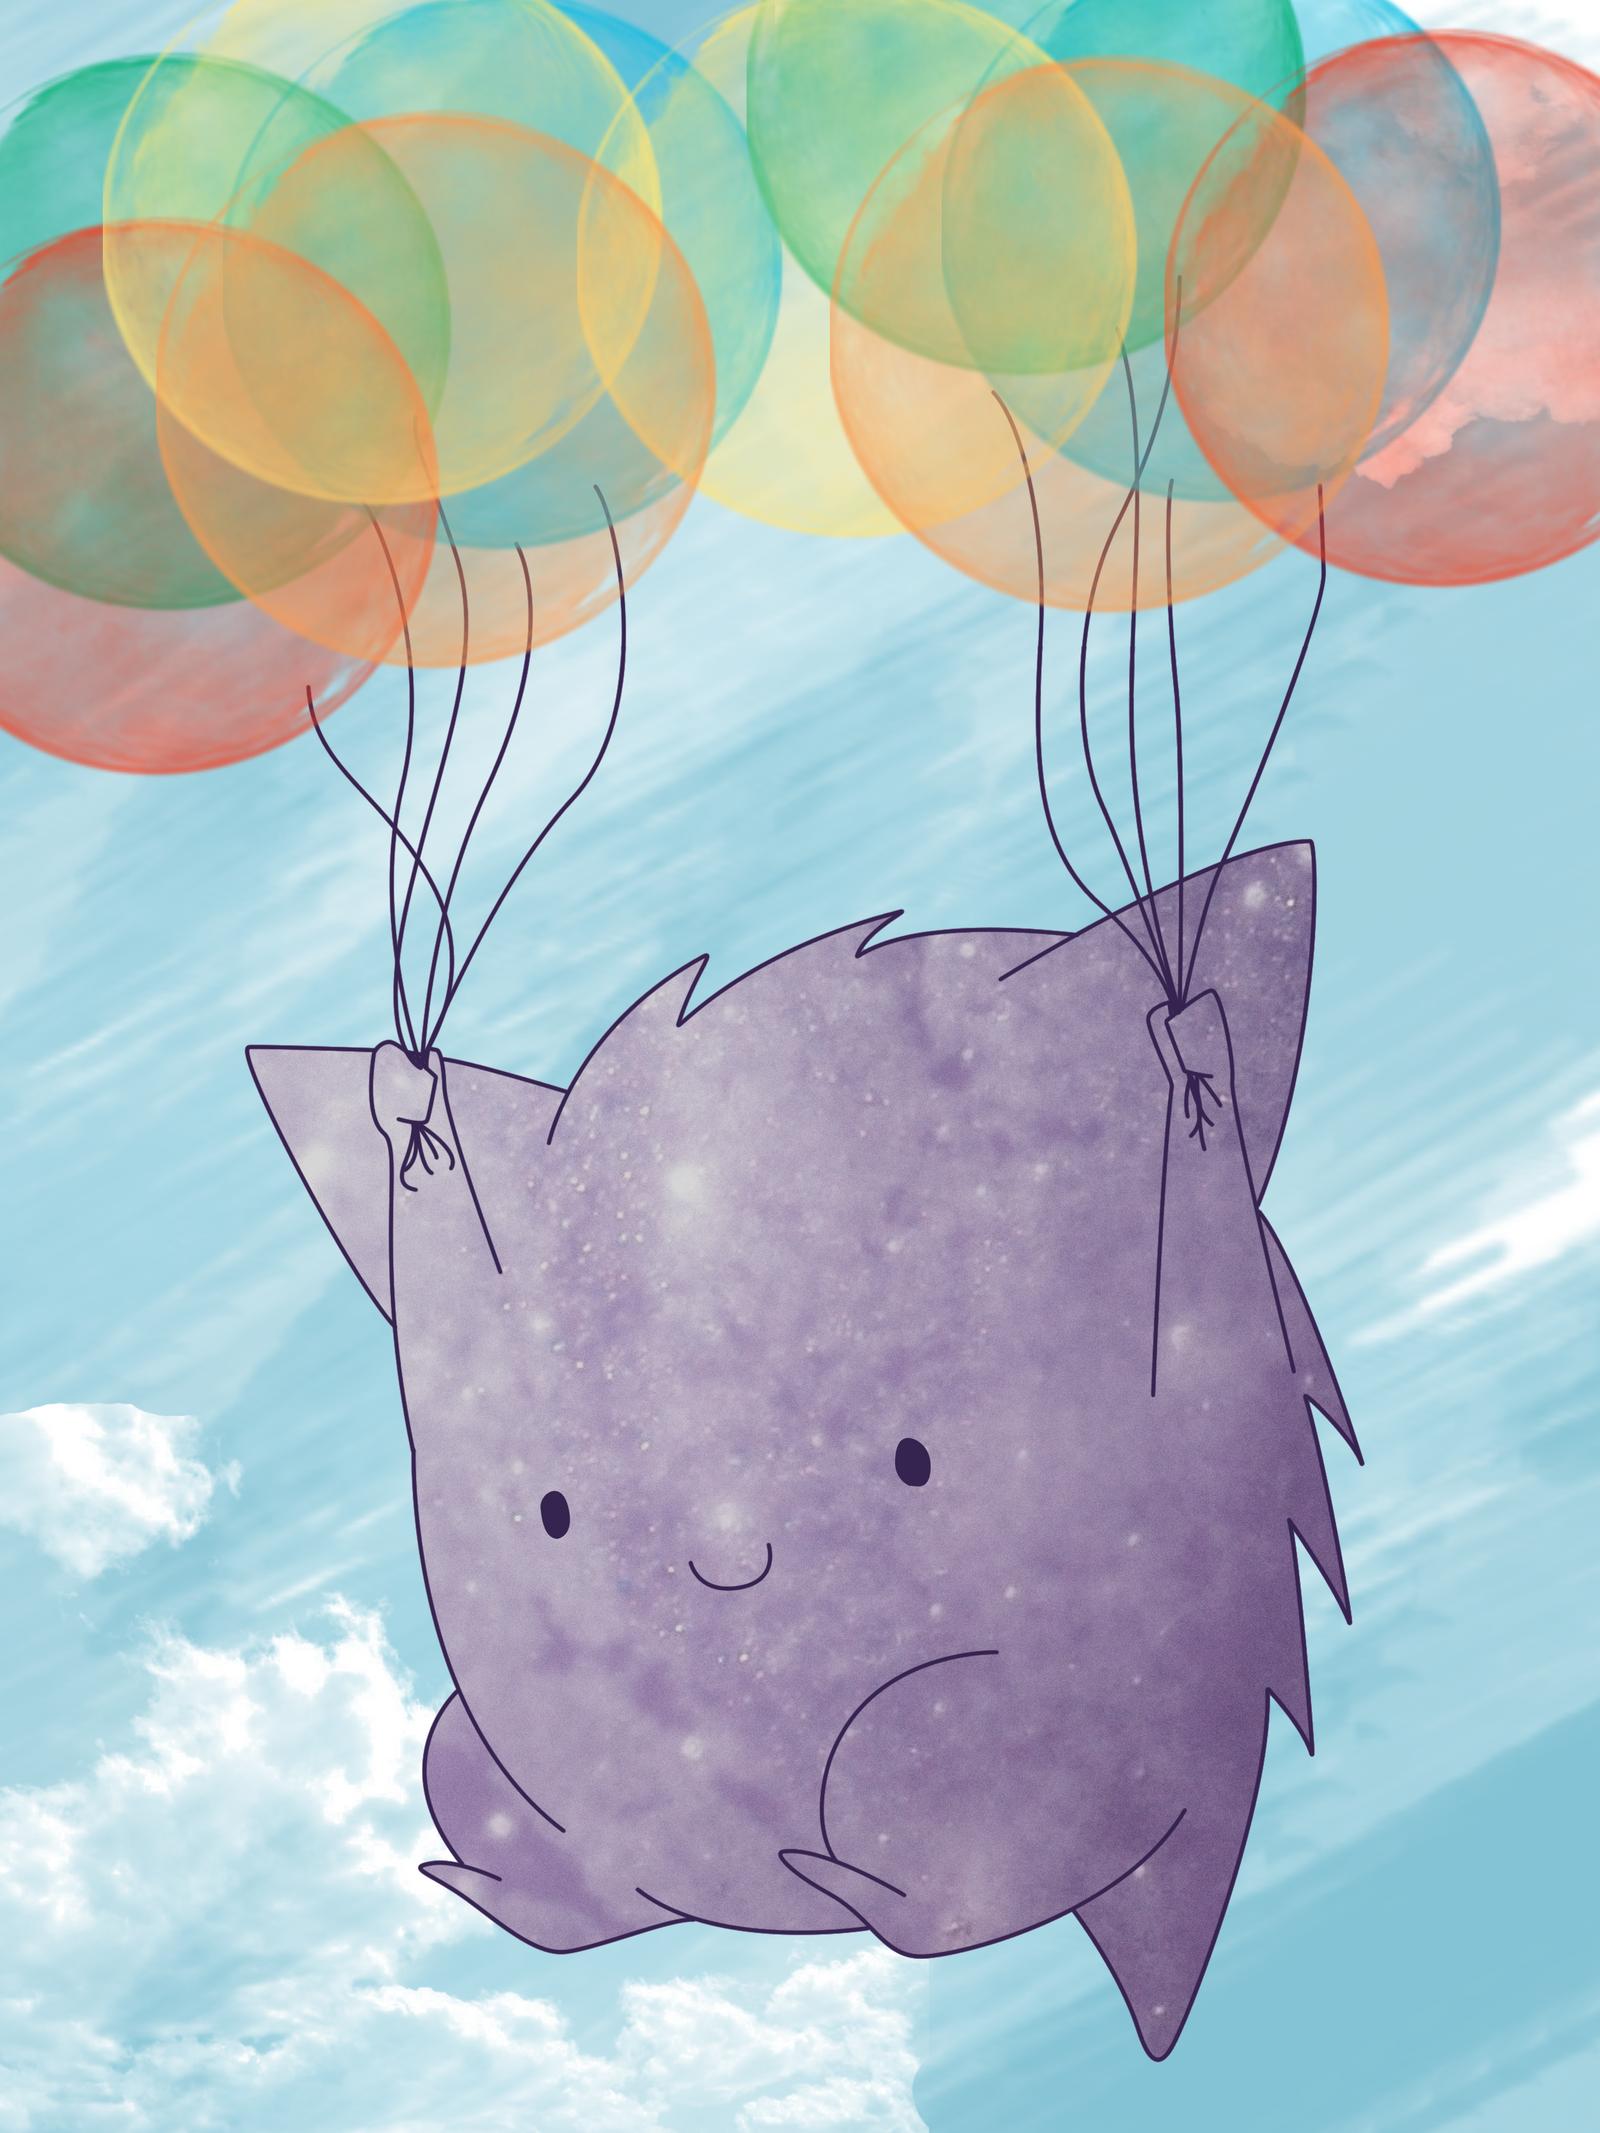 Balloon Gengar by Digillama on DeviantArt